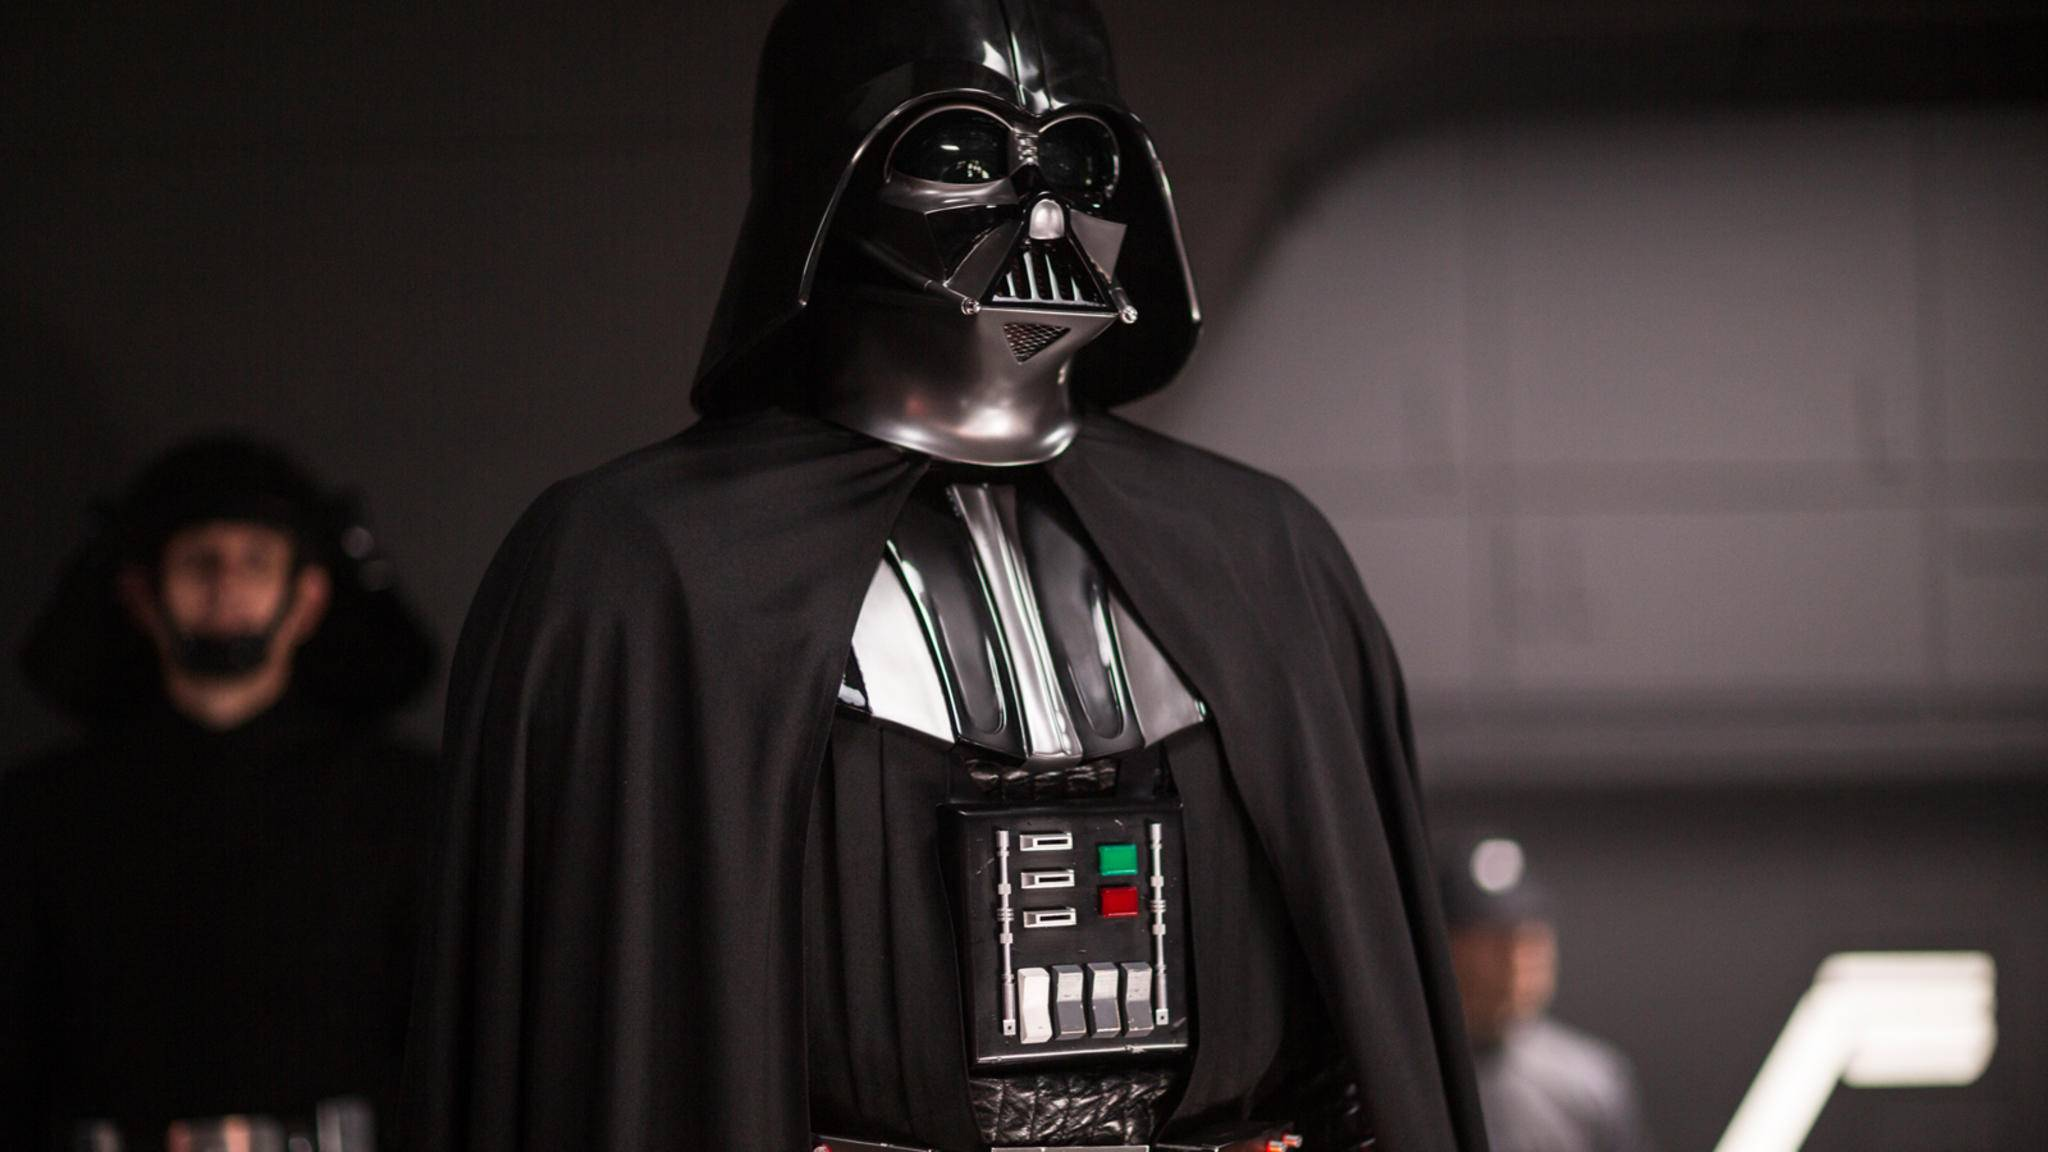 Kann jemand noch schlechter seinen Emotionen freien Lauf lassen als Darth Vader?